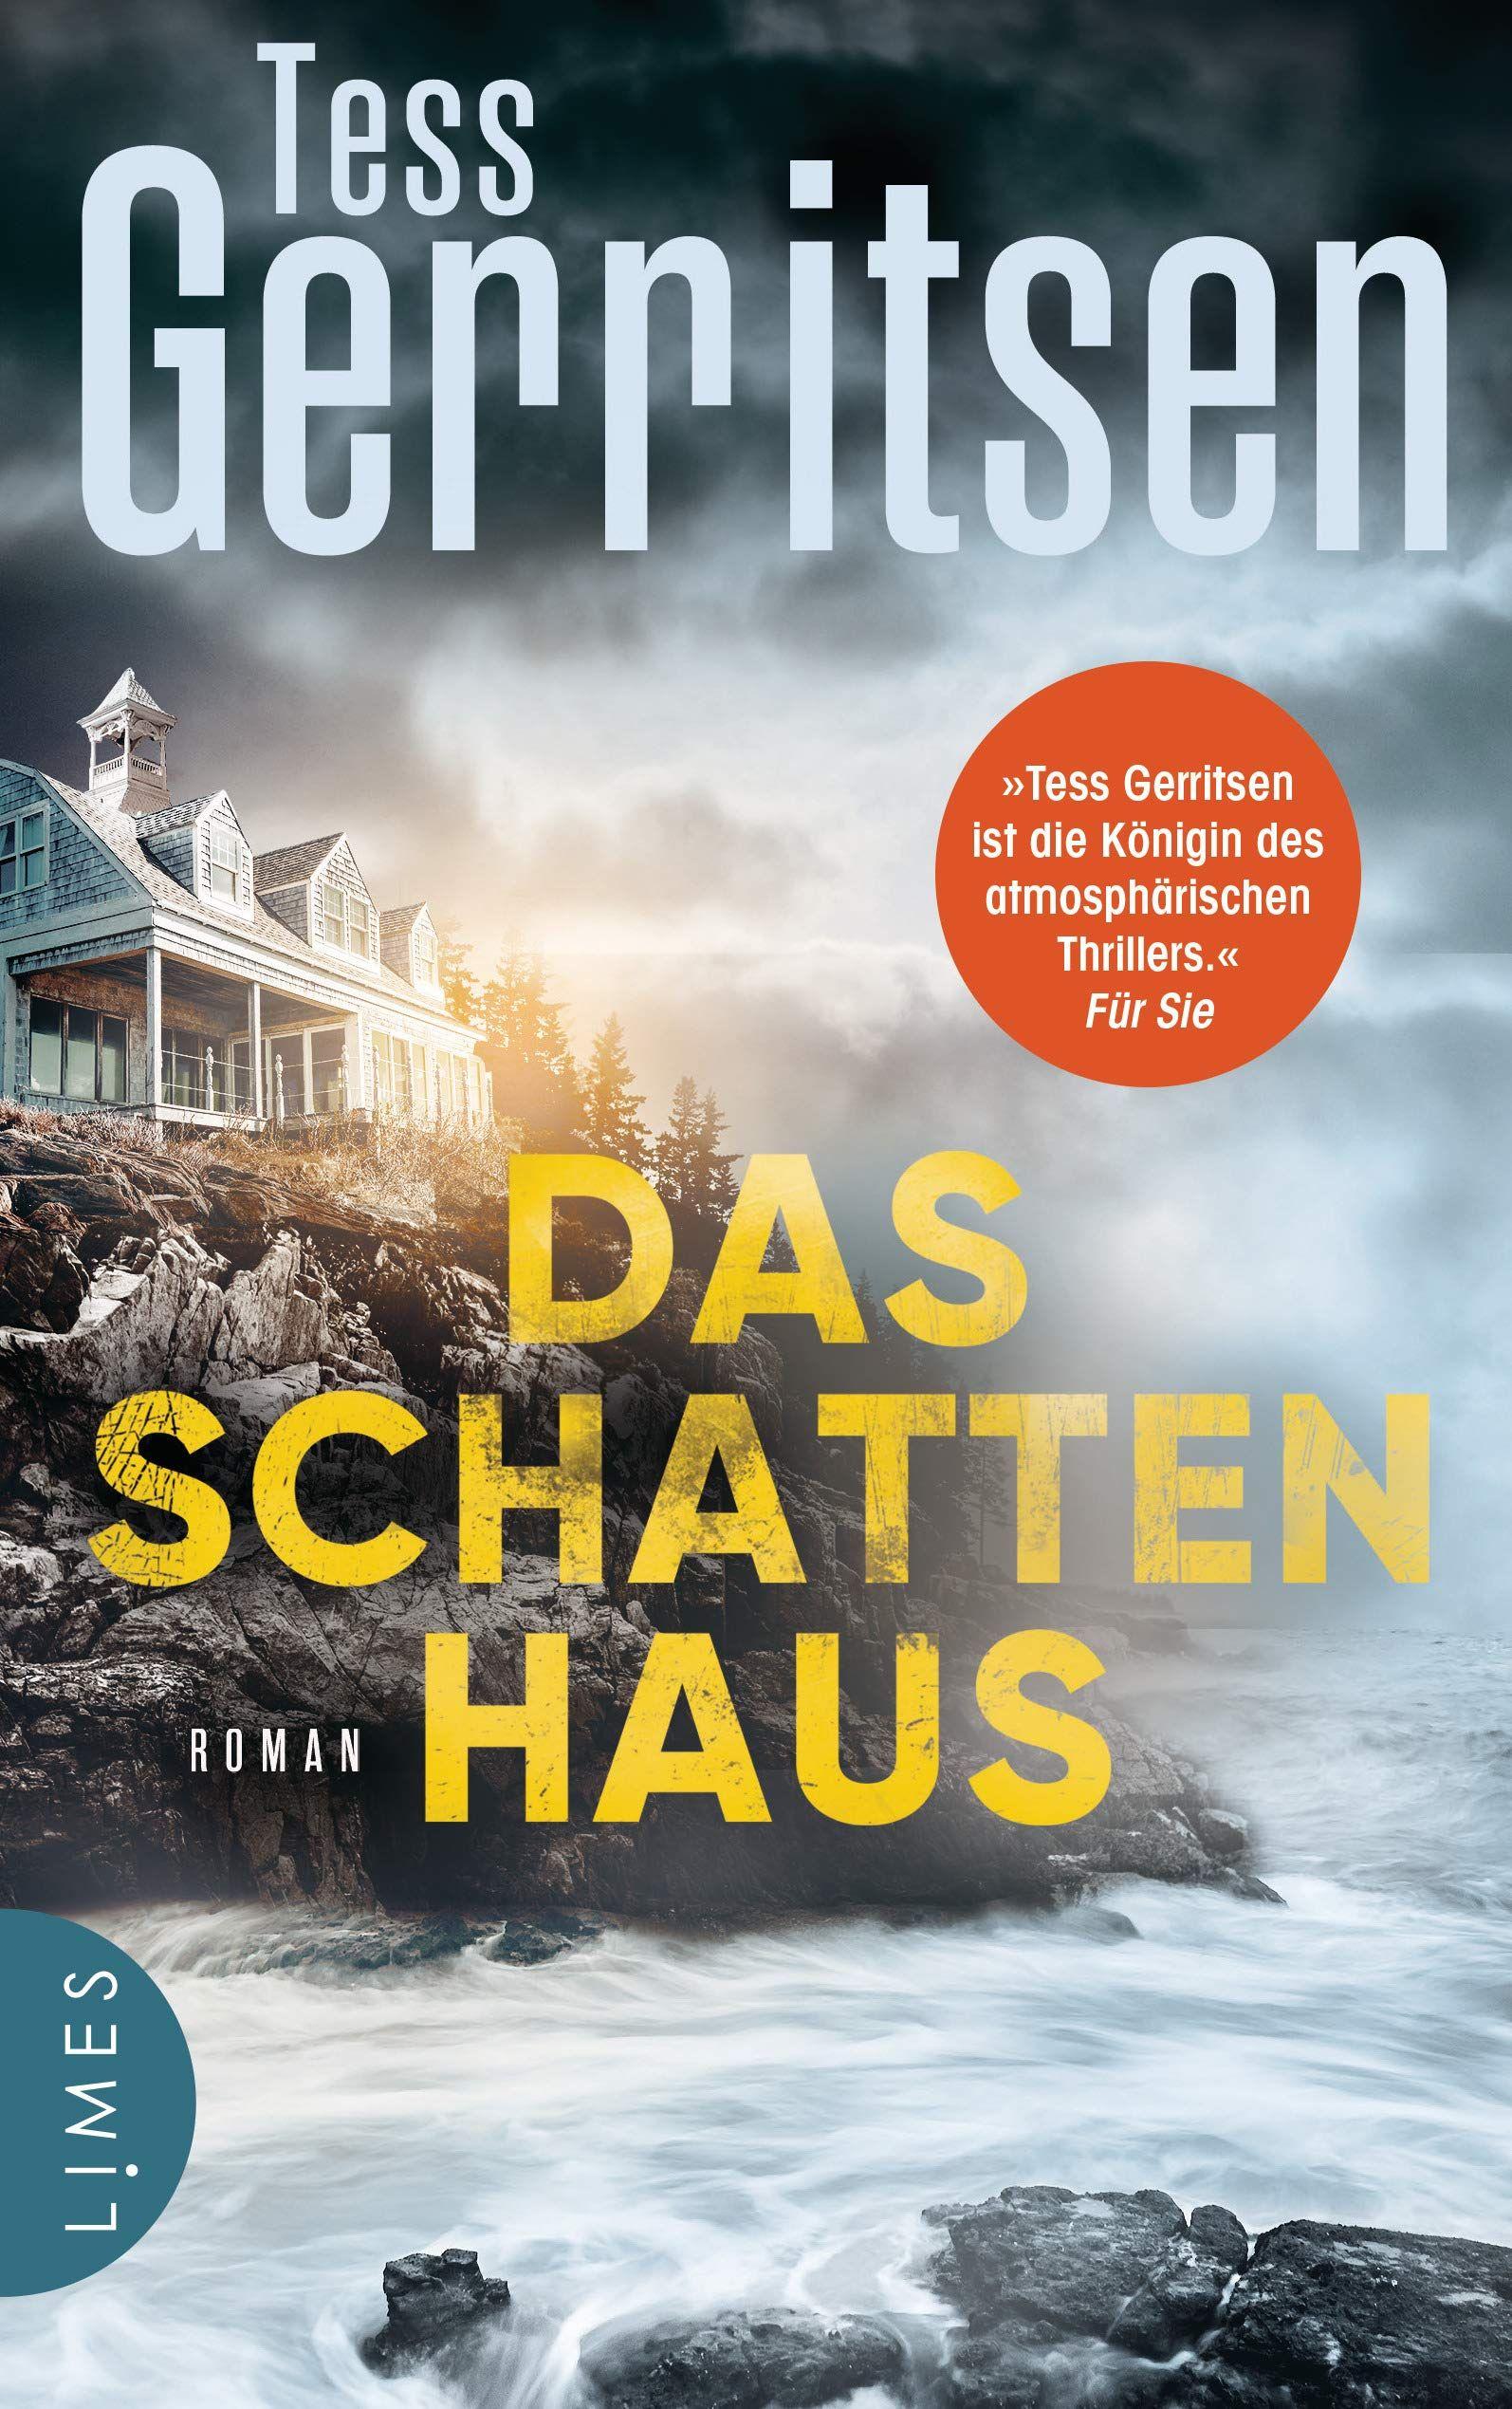 Das Schattenhaus Roman Romane Buch Bestseller Thriller